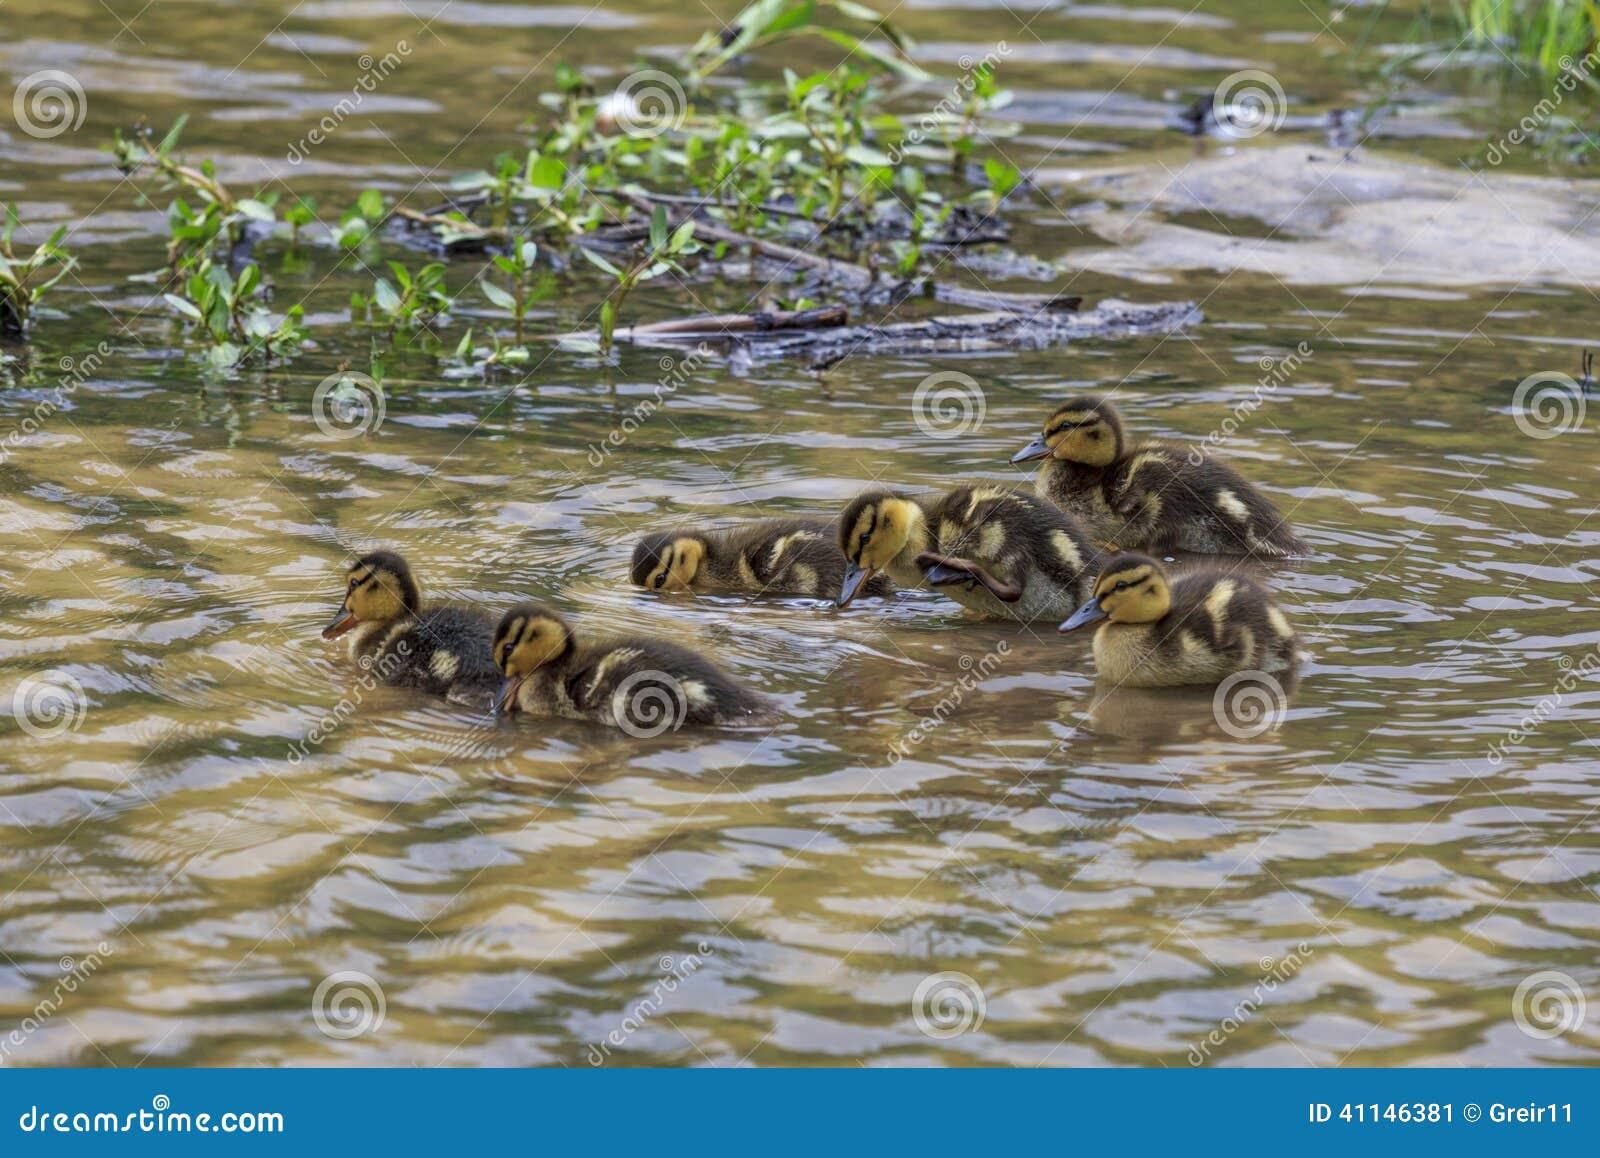 Gruppen Entleinentlein, die zusammen schwimmen